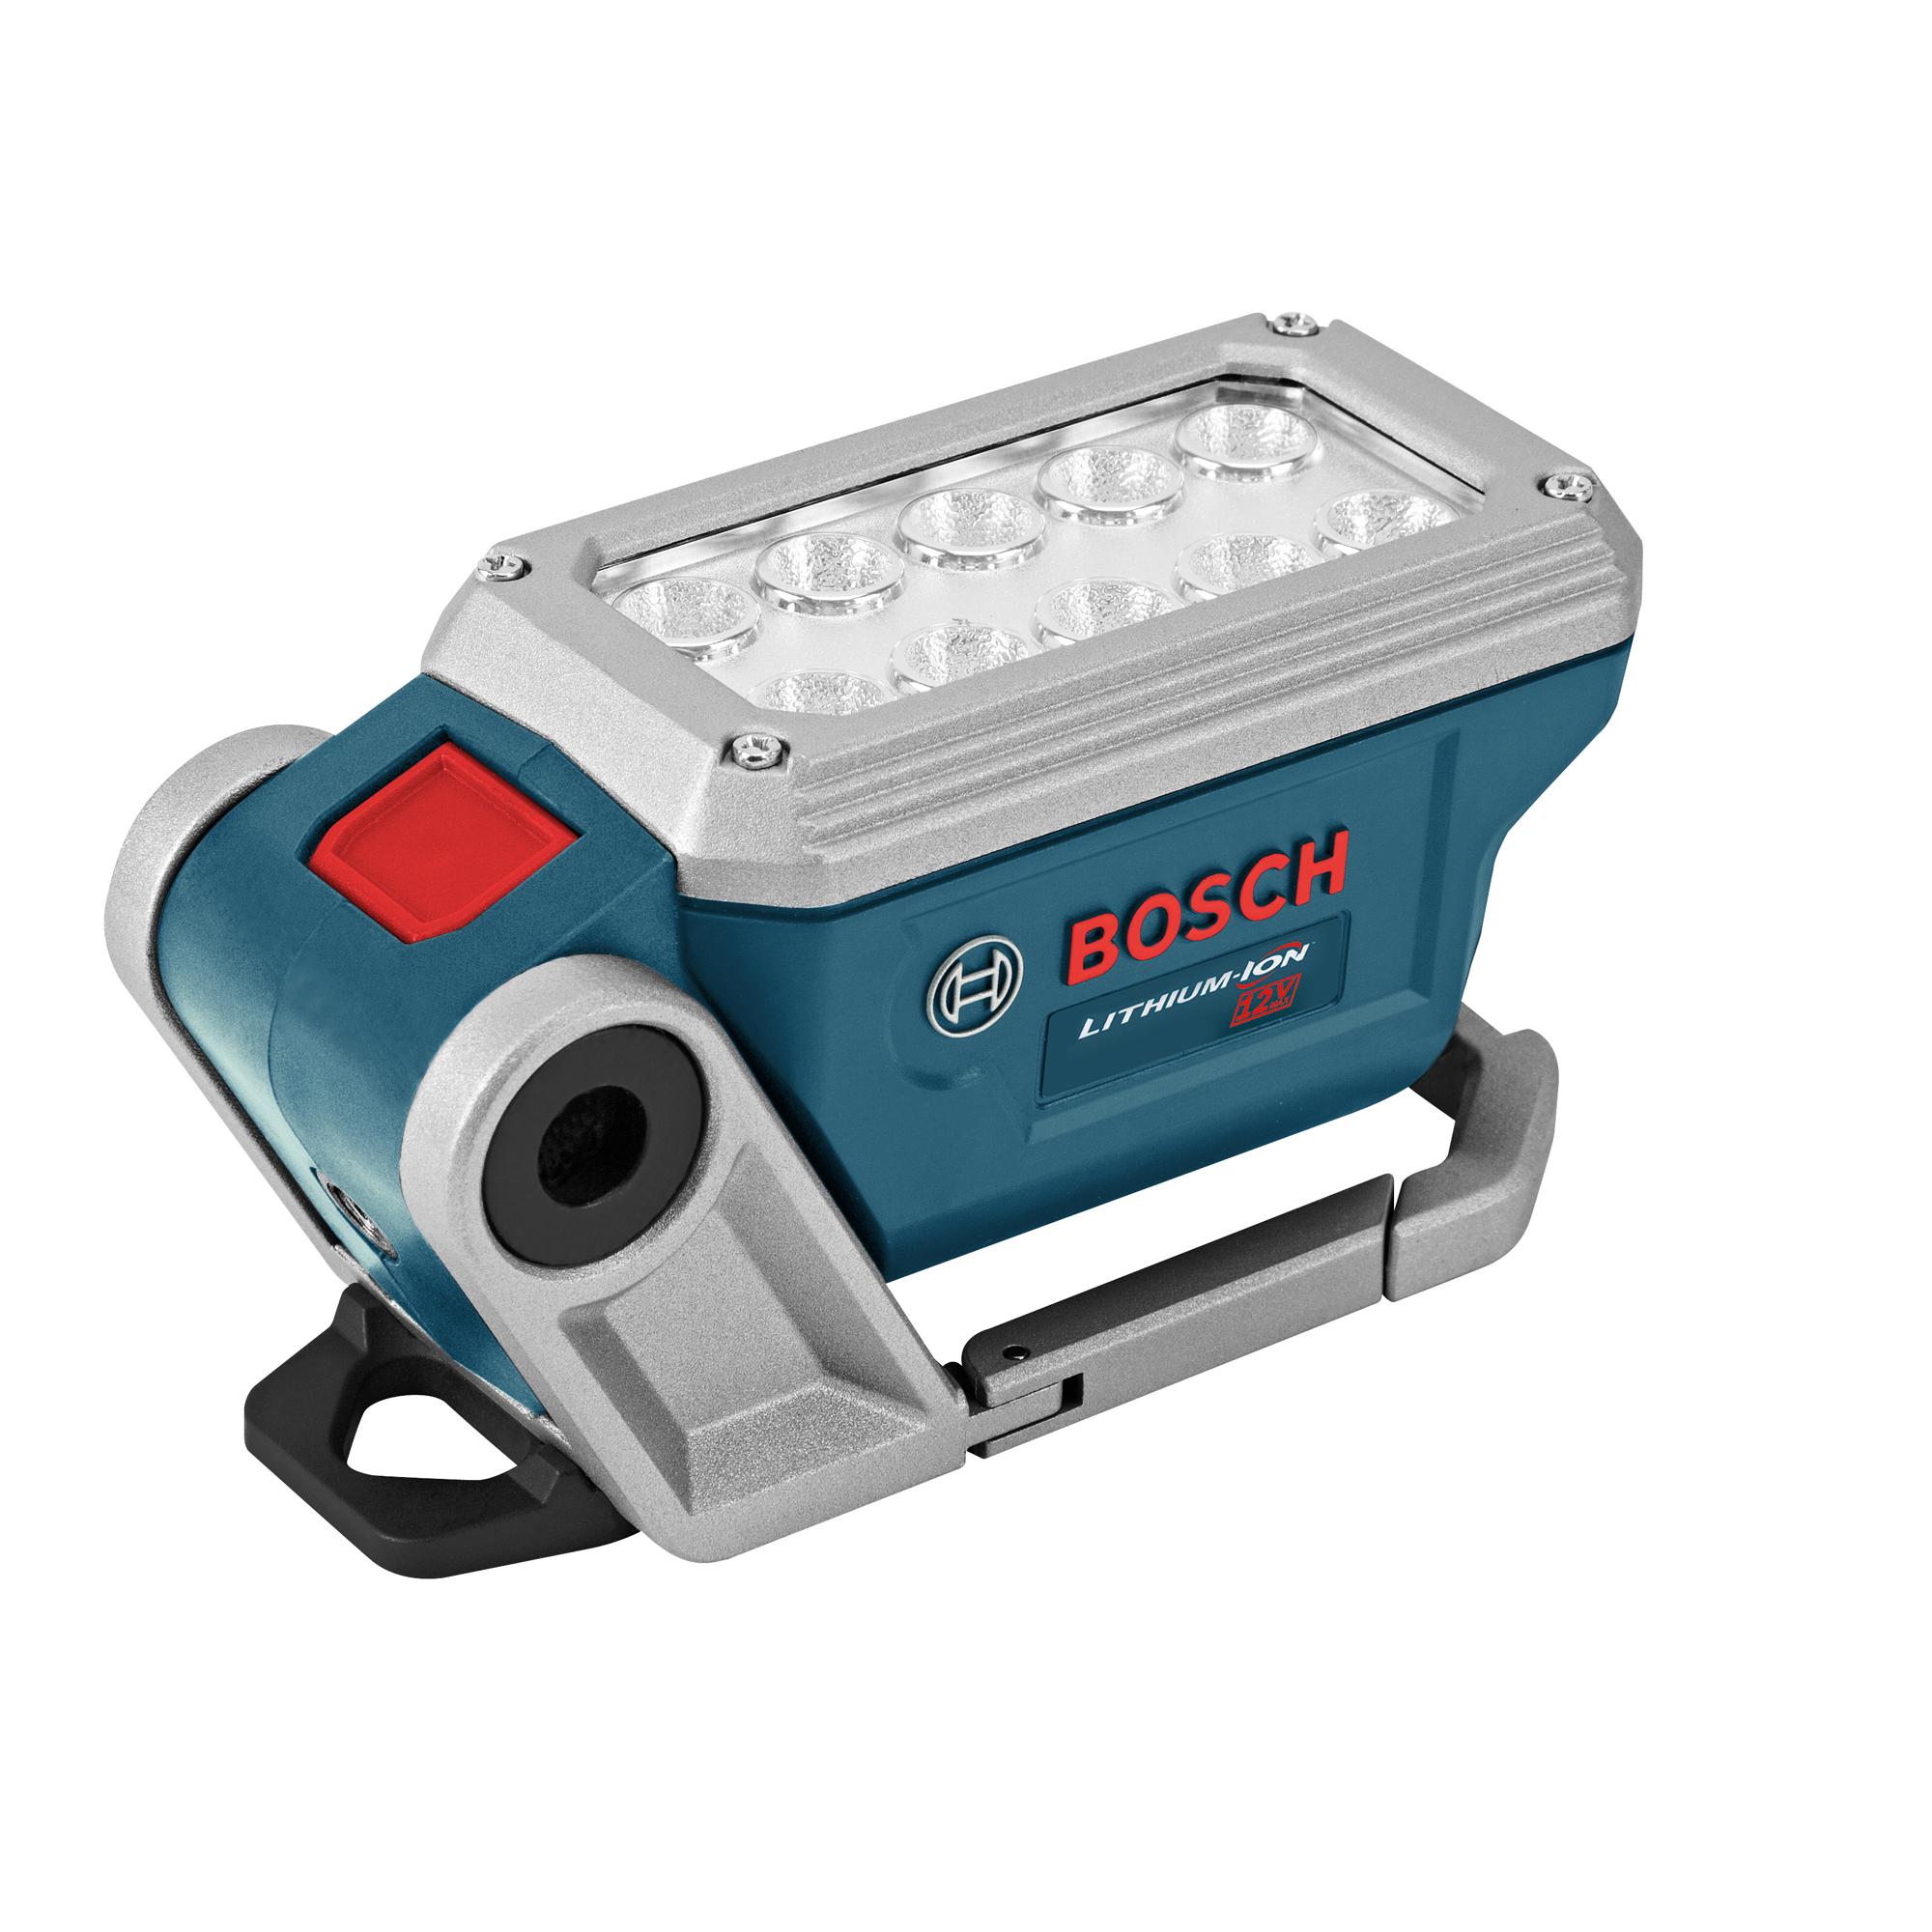 bosch fl12 12 volt 10x max led 6 hour runtime worklight. Black Bedroom Furniture Sets. Home Design Ideas